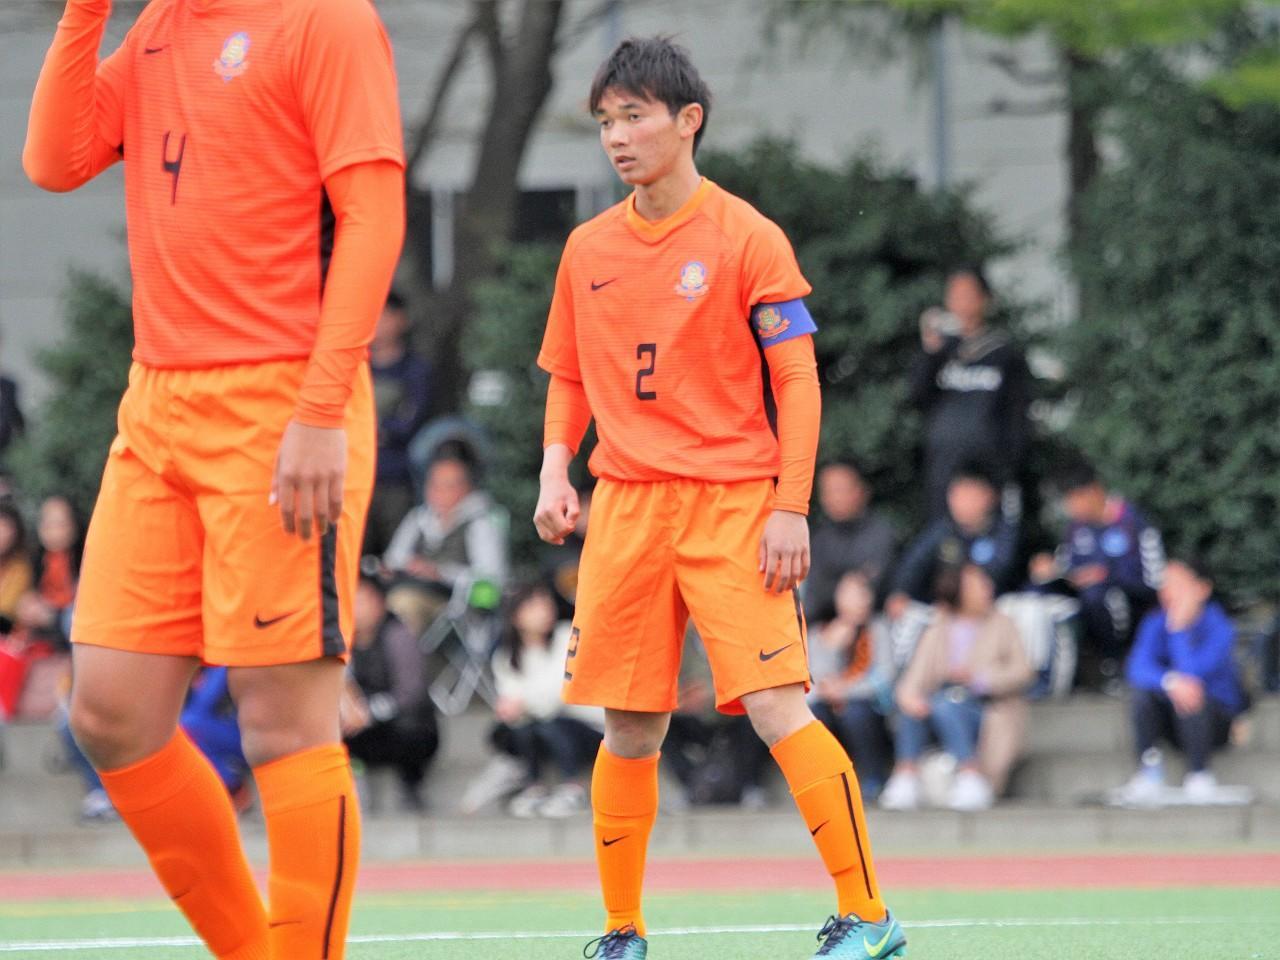 埼玉の注目校・埼玉栄高校サッカー部のキャプテンはつらいよ「栄は個性豊か。彼らをどうサッカーに集中させるか」